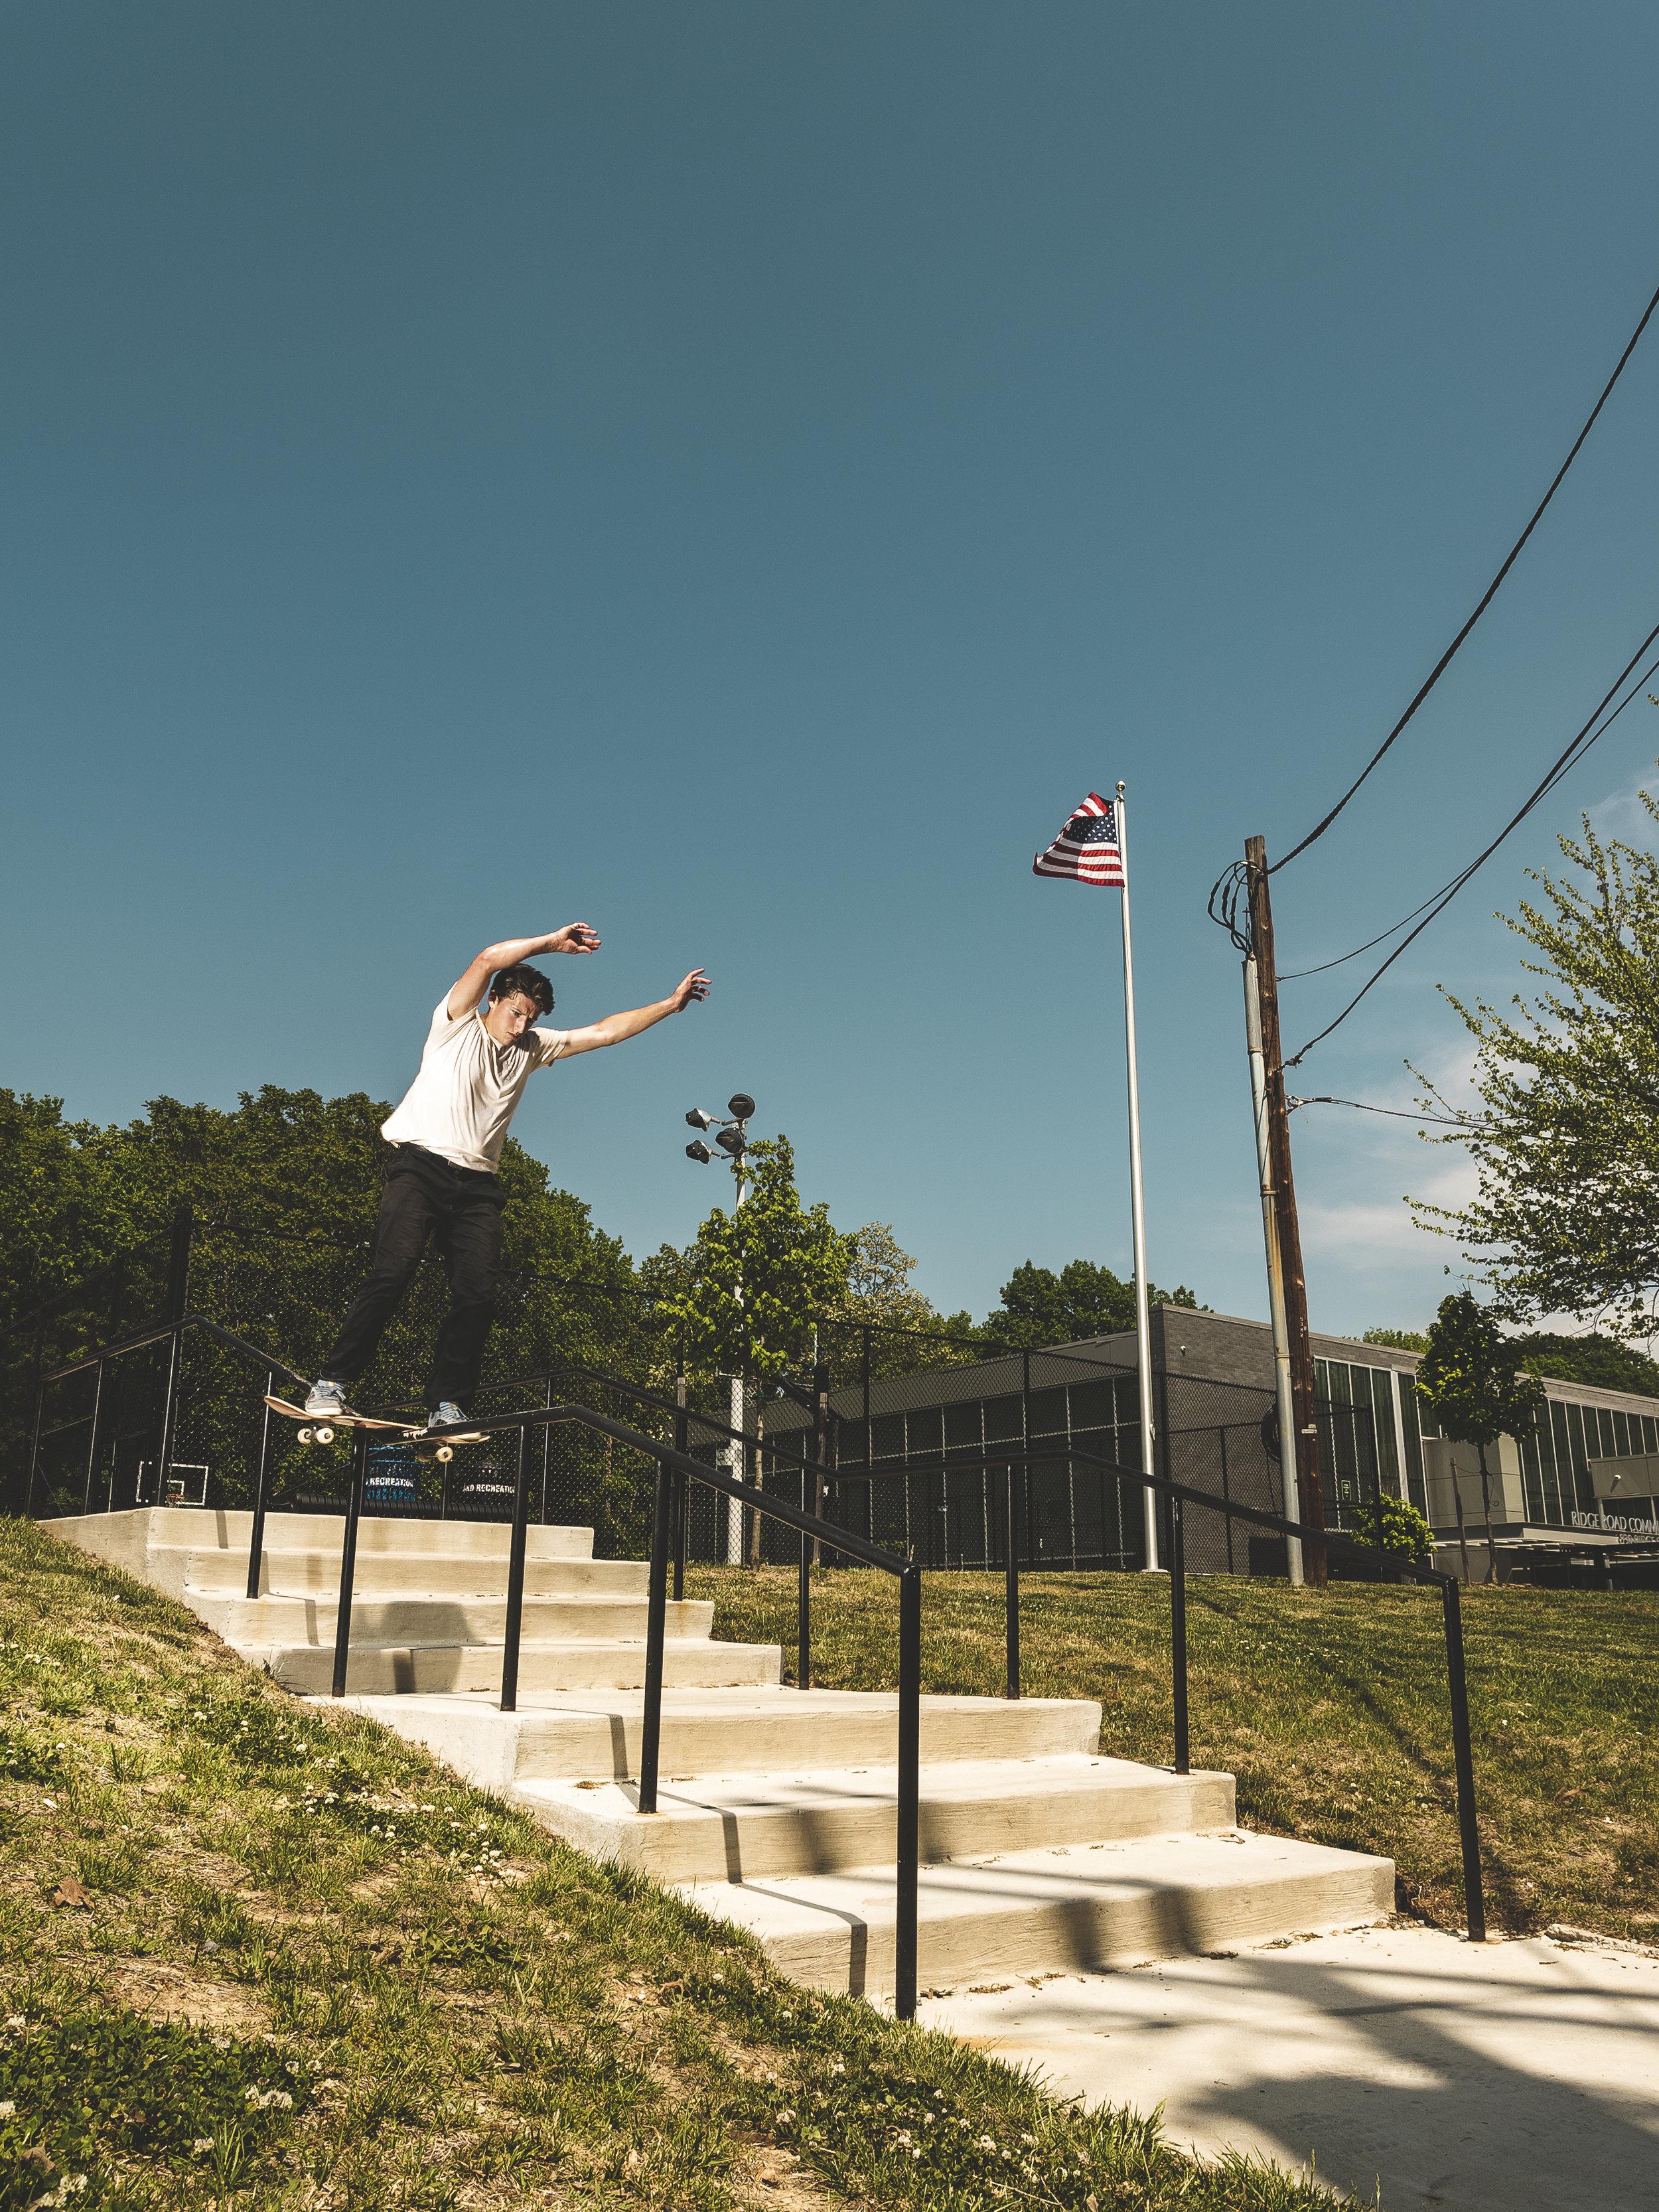 Skateboarding-2.jpg